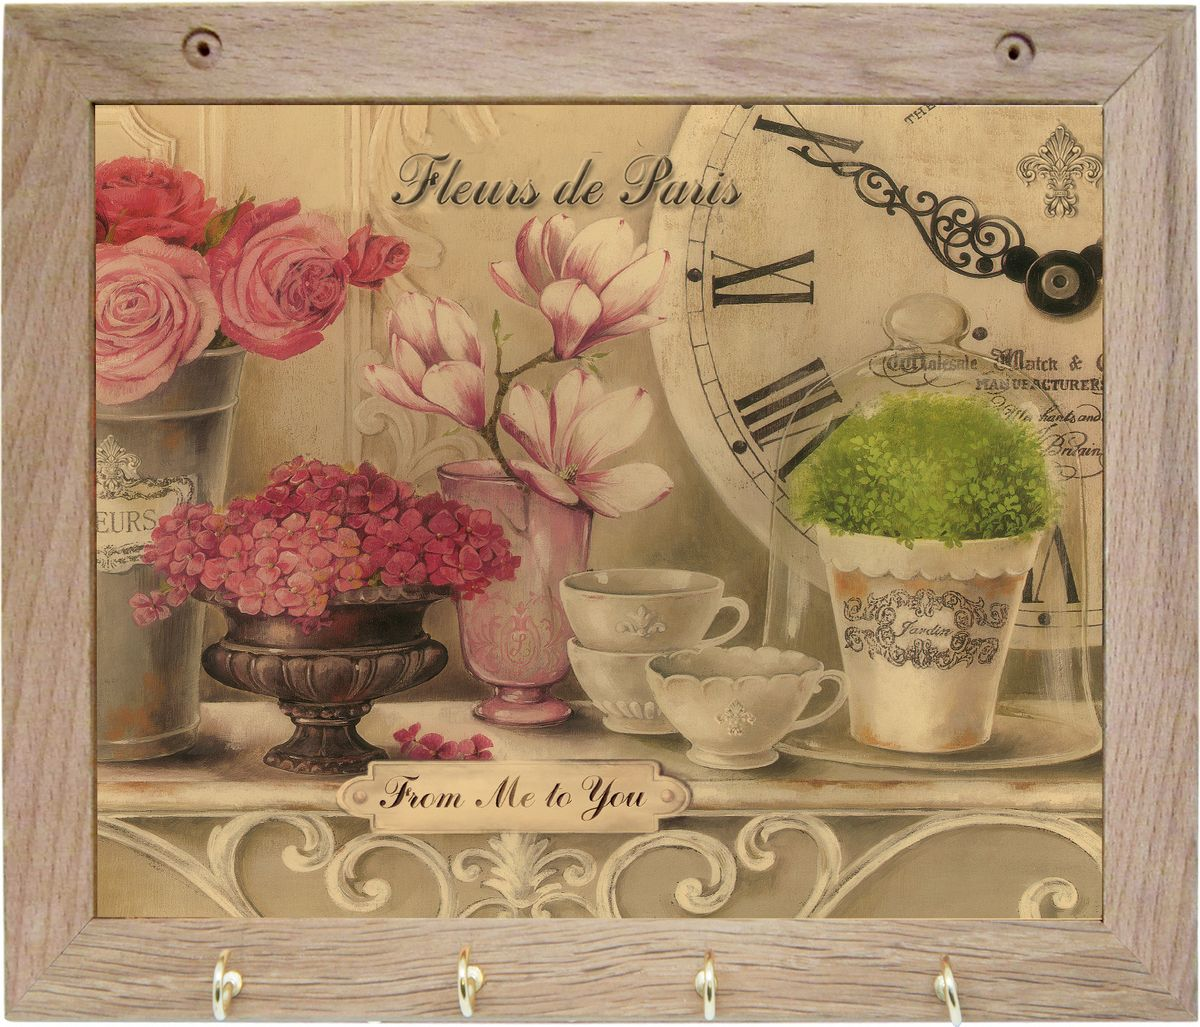 Вешалка GiftnHome Парижские цветы, с 4 крючками, 20 х 25 смTH-FleursВешалка GiftnHome Парижские цветы в стиле Art-Casual изготовлена из натурального дерева в комбинации с модными цветными принтами на корпусе от Креативной студии AntonioK. Вешалка снабжена 4 металлическими крючками для подвешивания аксессуаров, полотенец, прихваток и другого текстиля. Это изделие больше, чем просто вешалка, оно несет интерьерное решение, задает настроение и стиль на вашей кухне, столовой или дачной веранде. Art-Casual значит буквально повседневное искусство. Это новый стиль предложения обычных домашних аксессуаров в качестве элементов, задающих стиль и шарм окружающего пространства. Уникальное сочетание привычной функциональности и декоративной, интерьерной функции - это актуальная, современная тенденция от прогрессивных производителей товаров для дома.